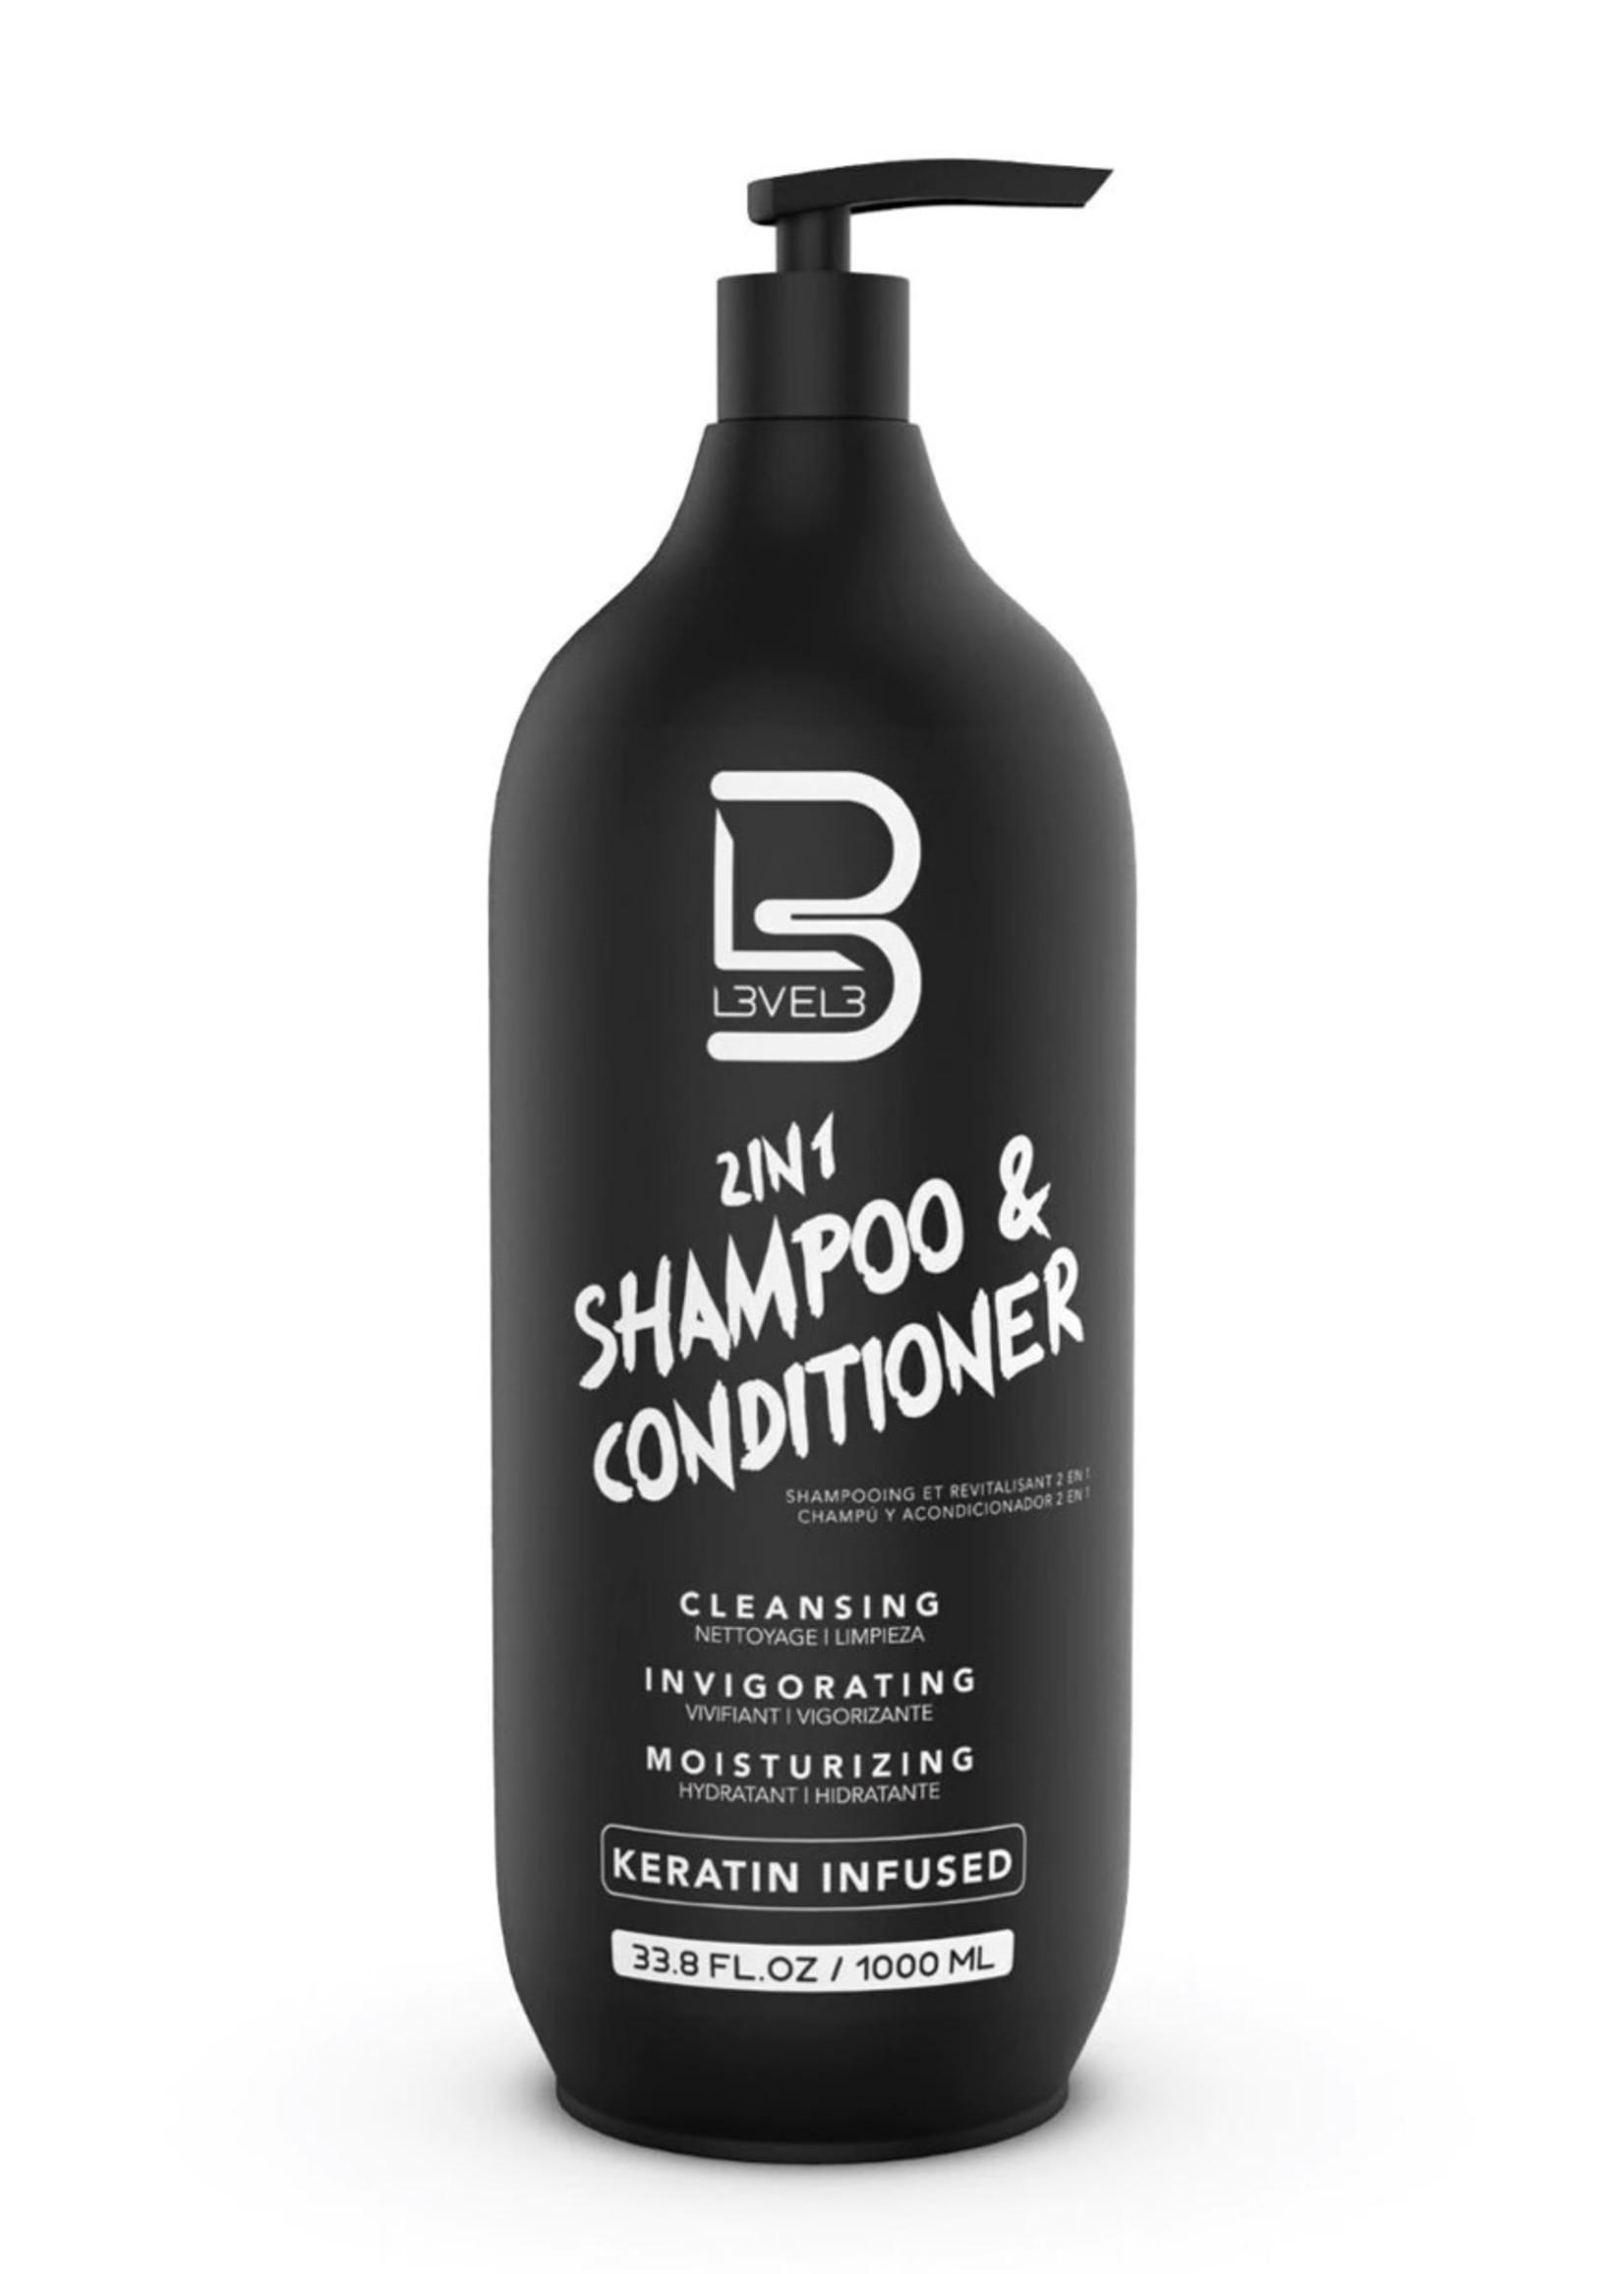 Level 3 L3 2 in 1 Shampoo & Conditioner-1000ML